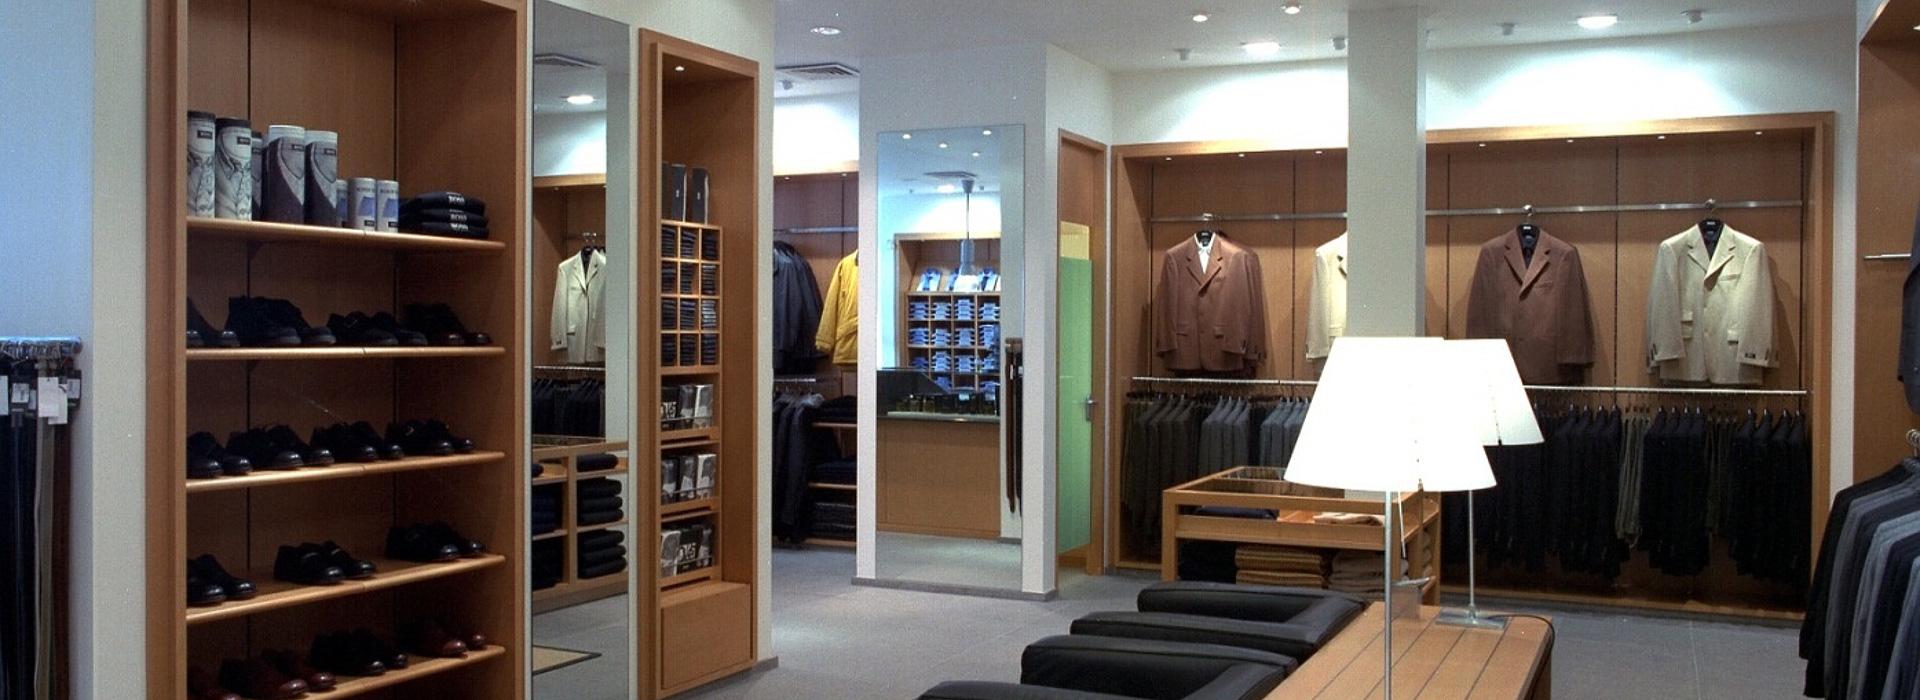 Commercial and public interior design hcsdesign for Interior design solutions